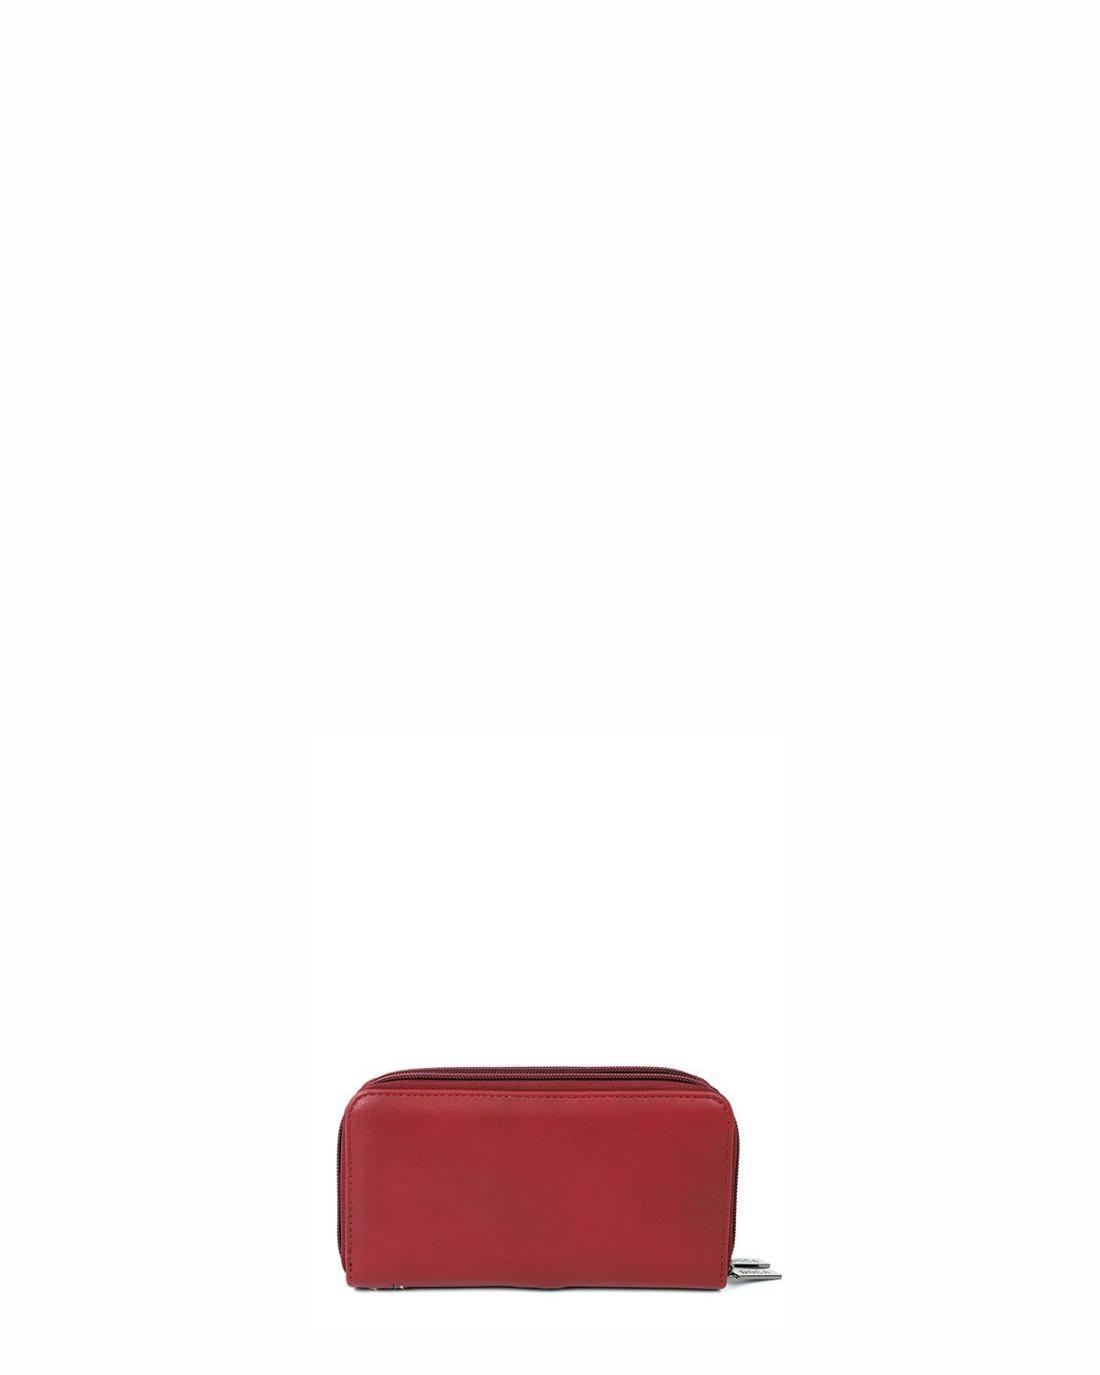 Πορτοφόλι κόκκινο